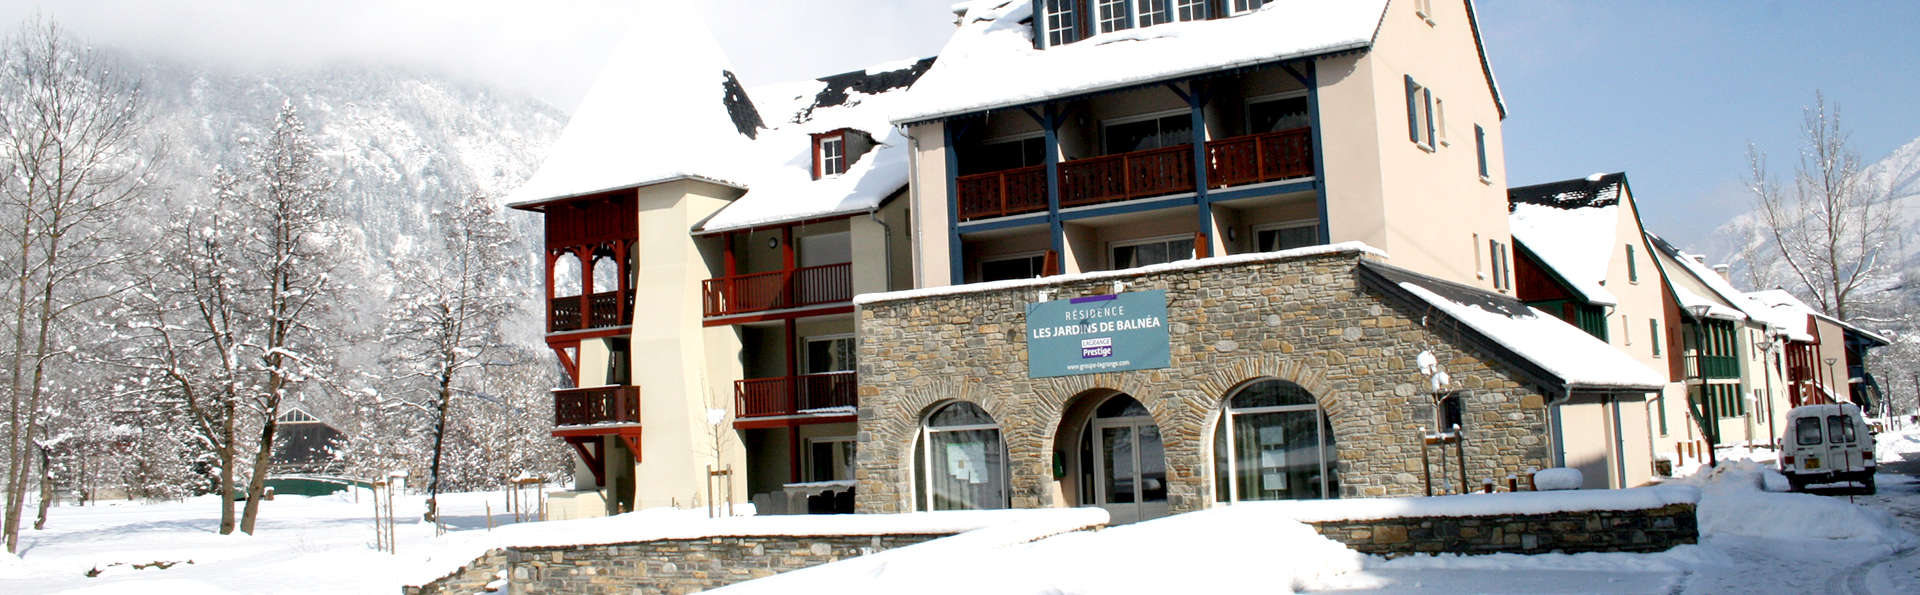 Bel appartement près du lac de Génos-Loudenvielle dans les Pyrénées